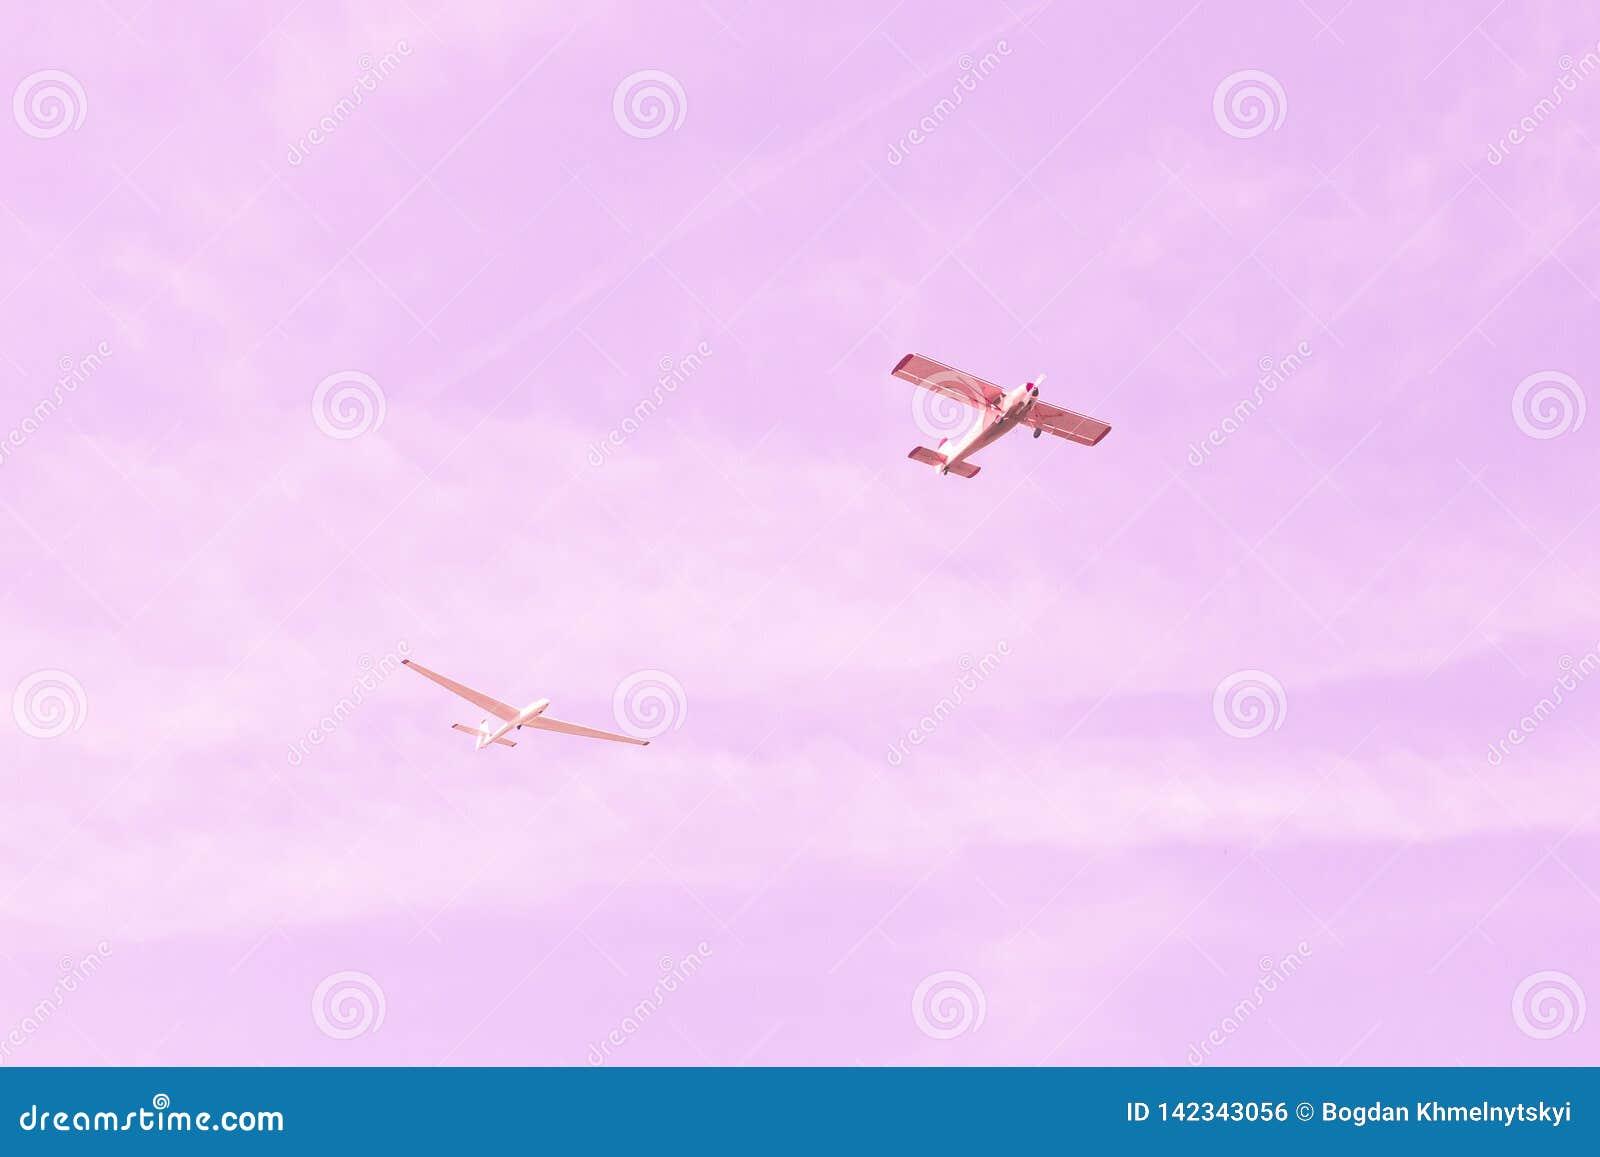 Plano do vintage do único-motor pequeno e voo velhos contra o céu cor-de-rosa, conceito do planador dos trabalhos de equipe, sonh